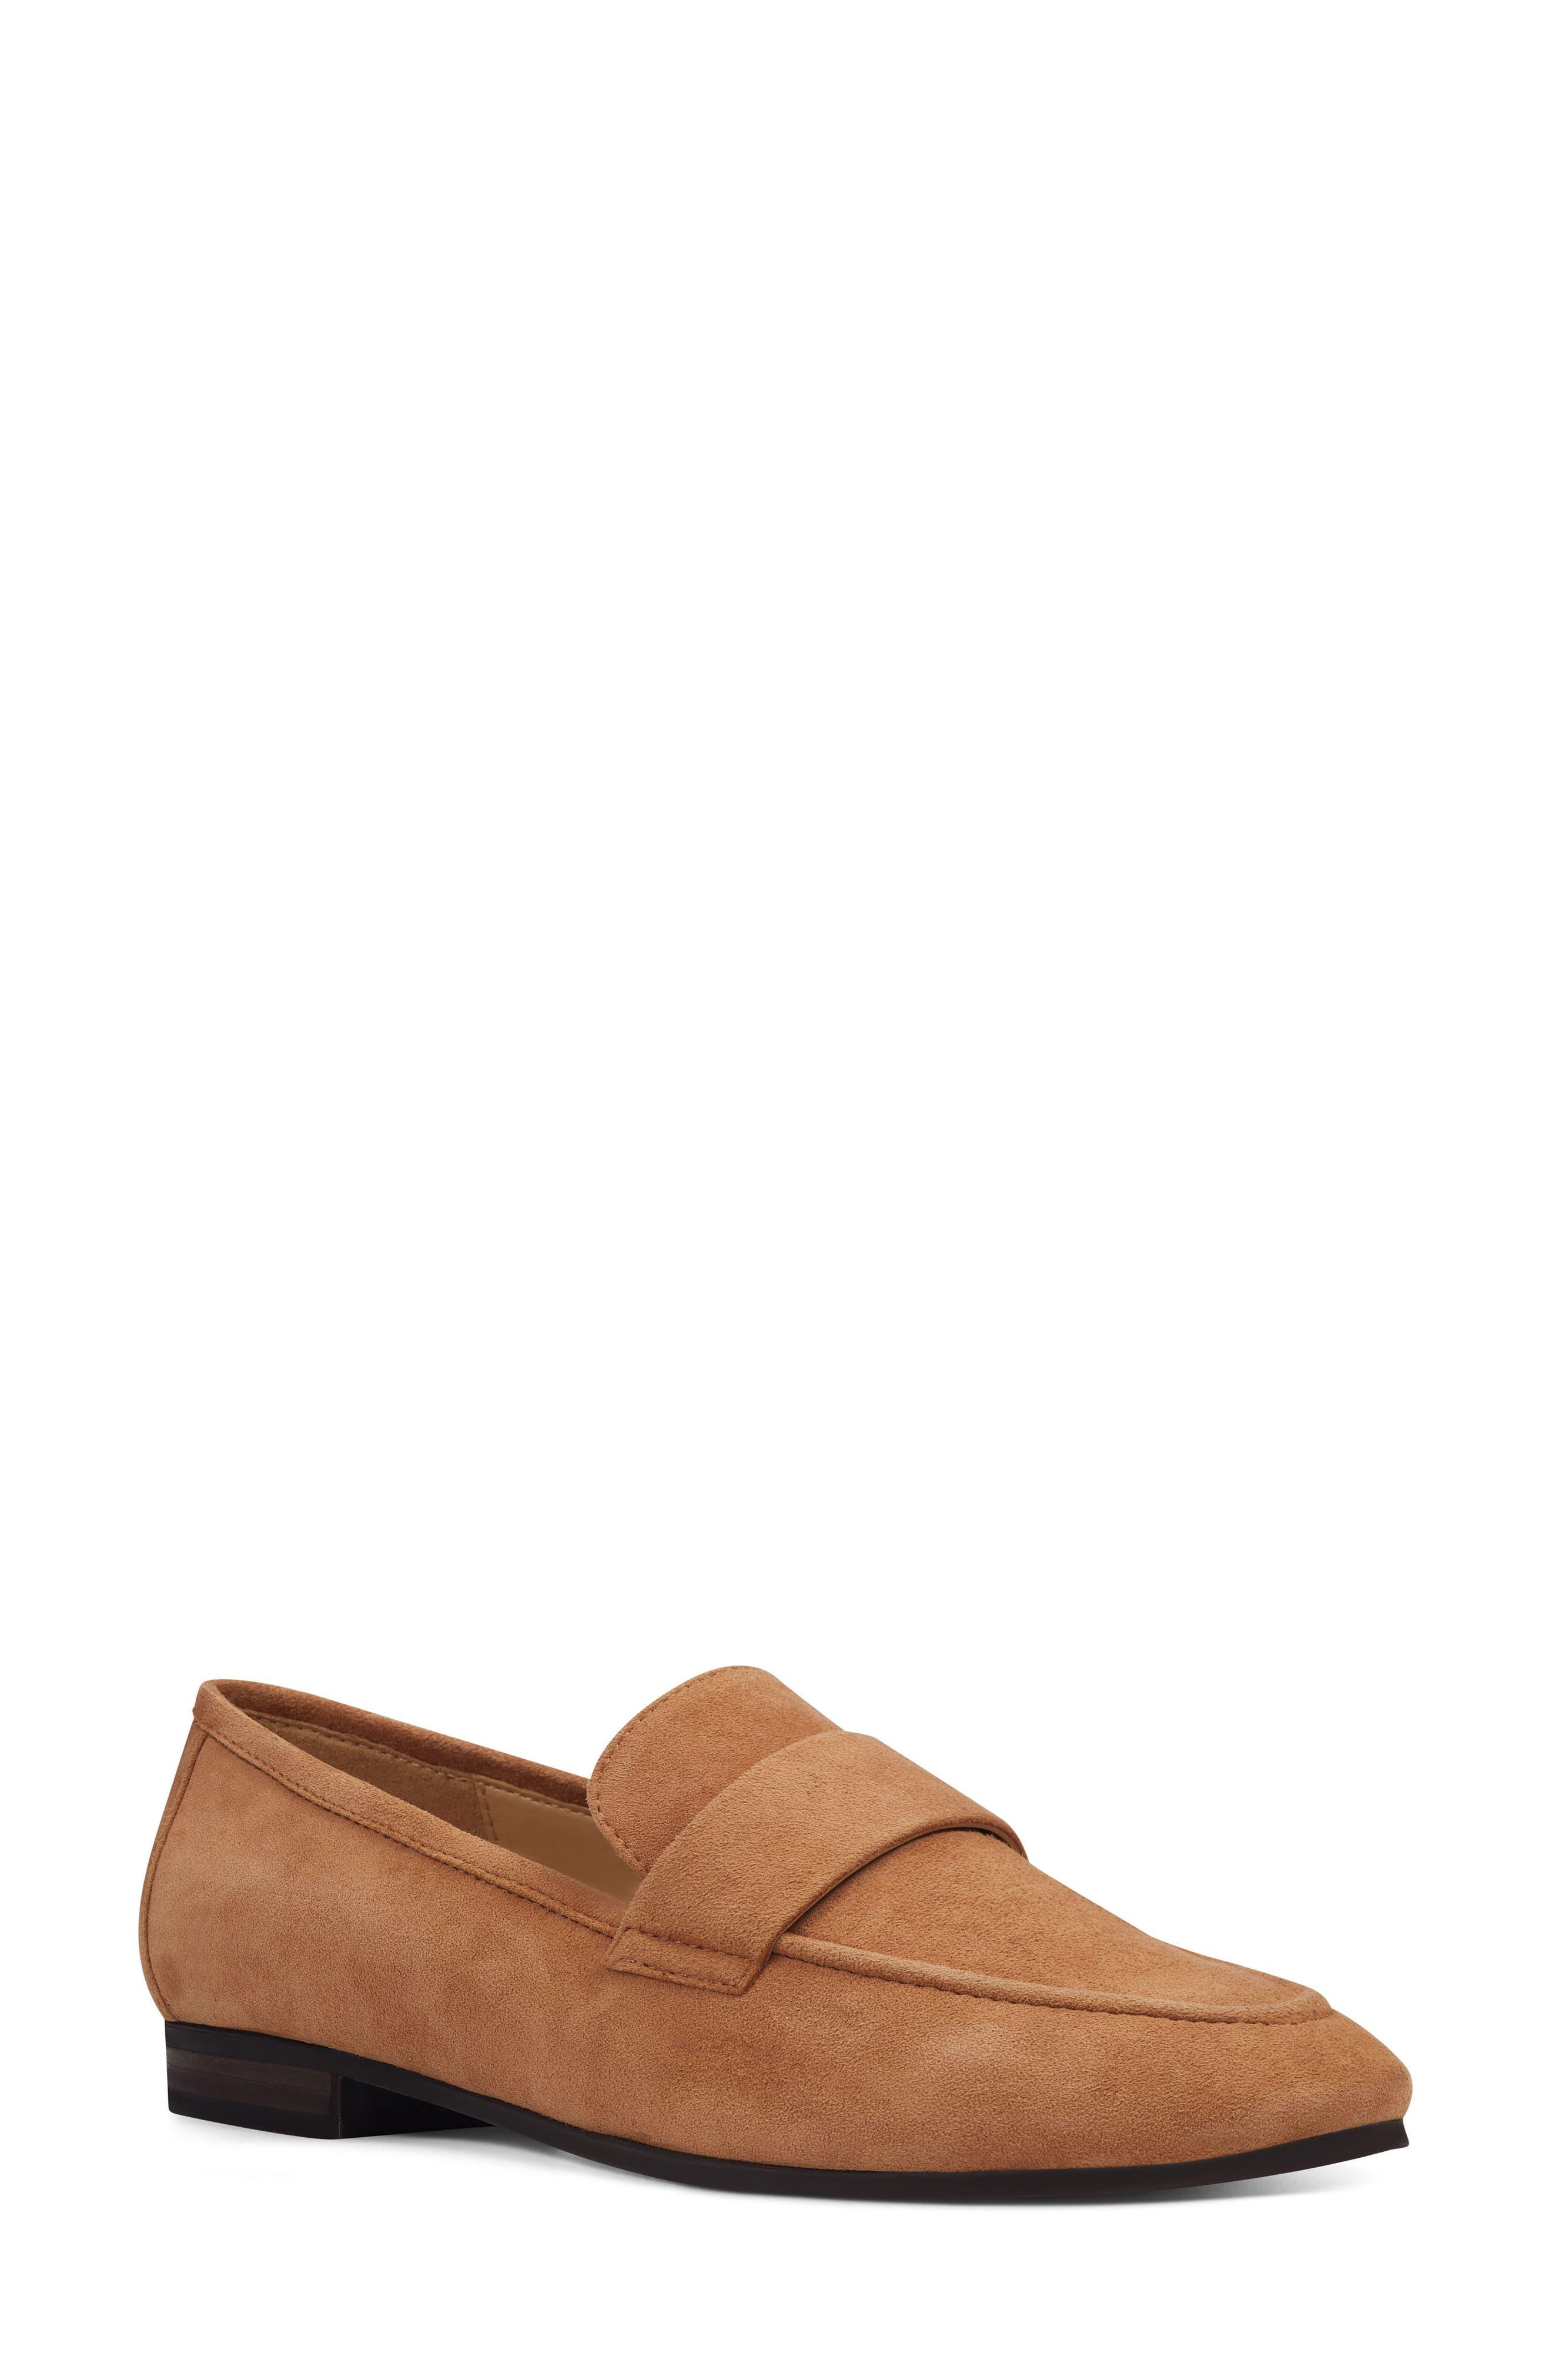 Nine West Admire Loafer- Brown